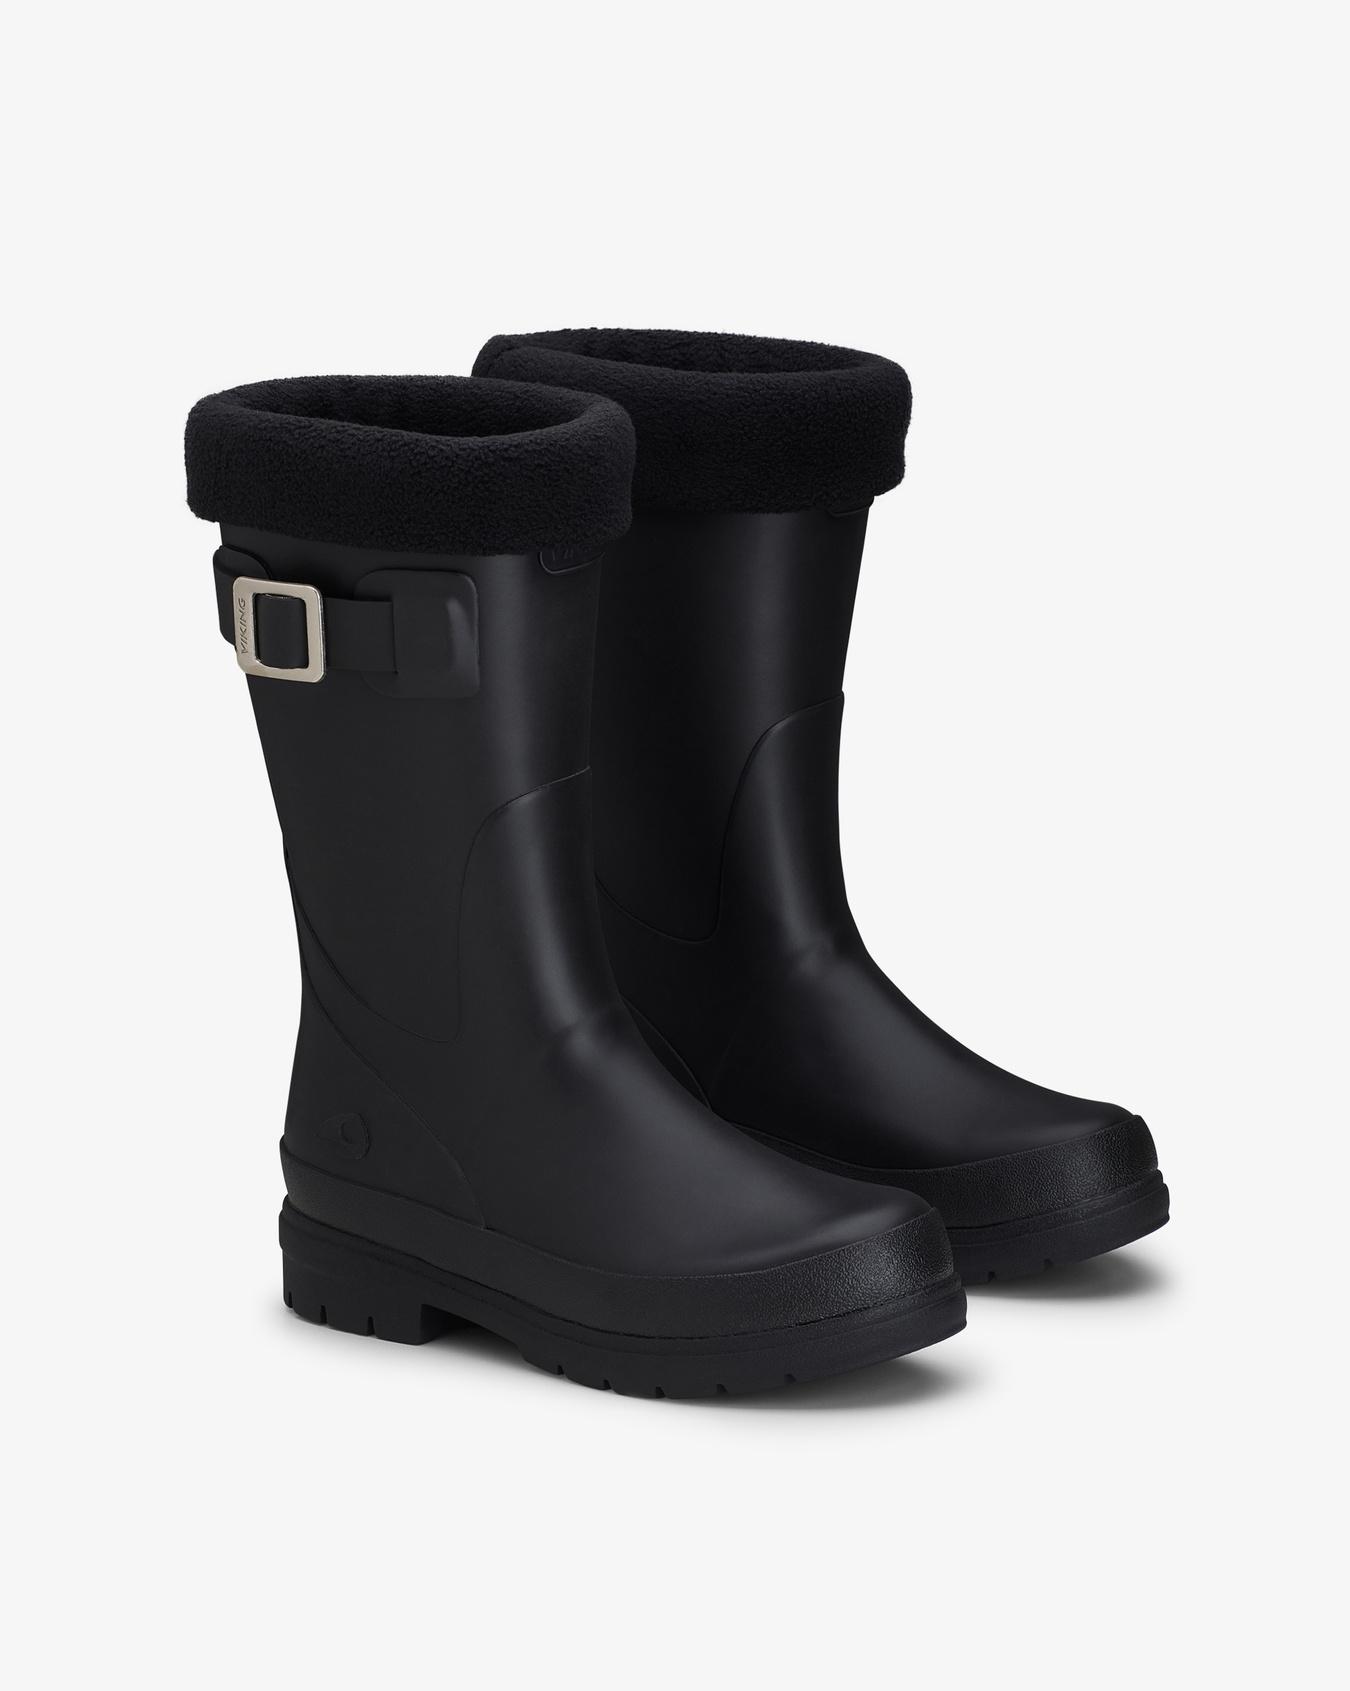 Vendela Jr. Rubber Boots w/Fleece sock